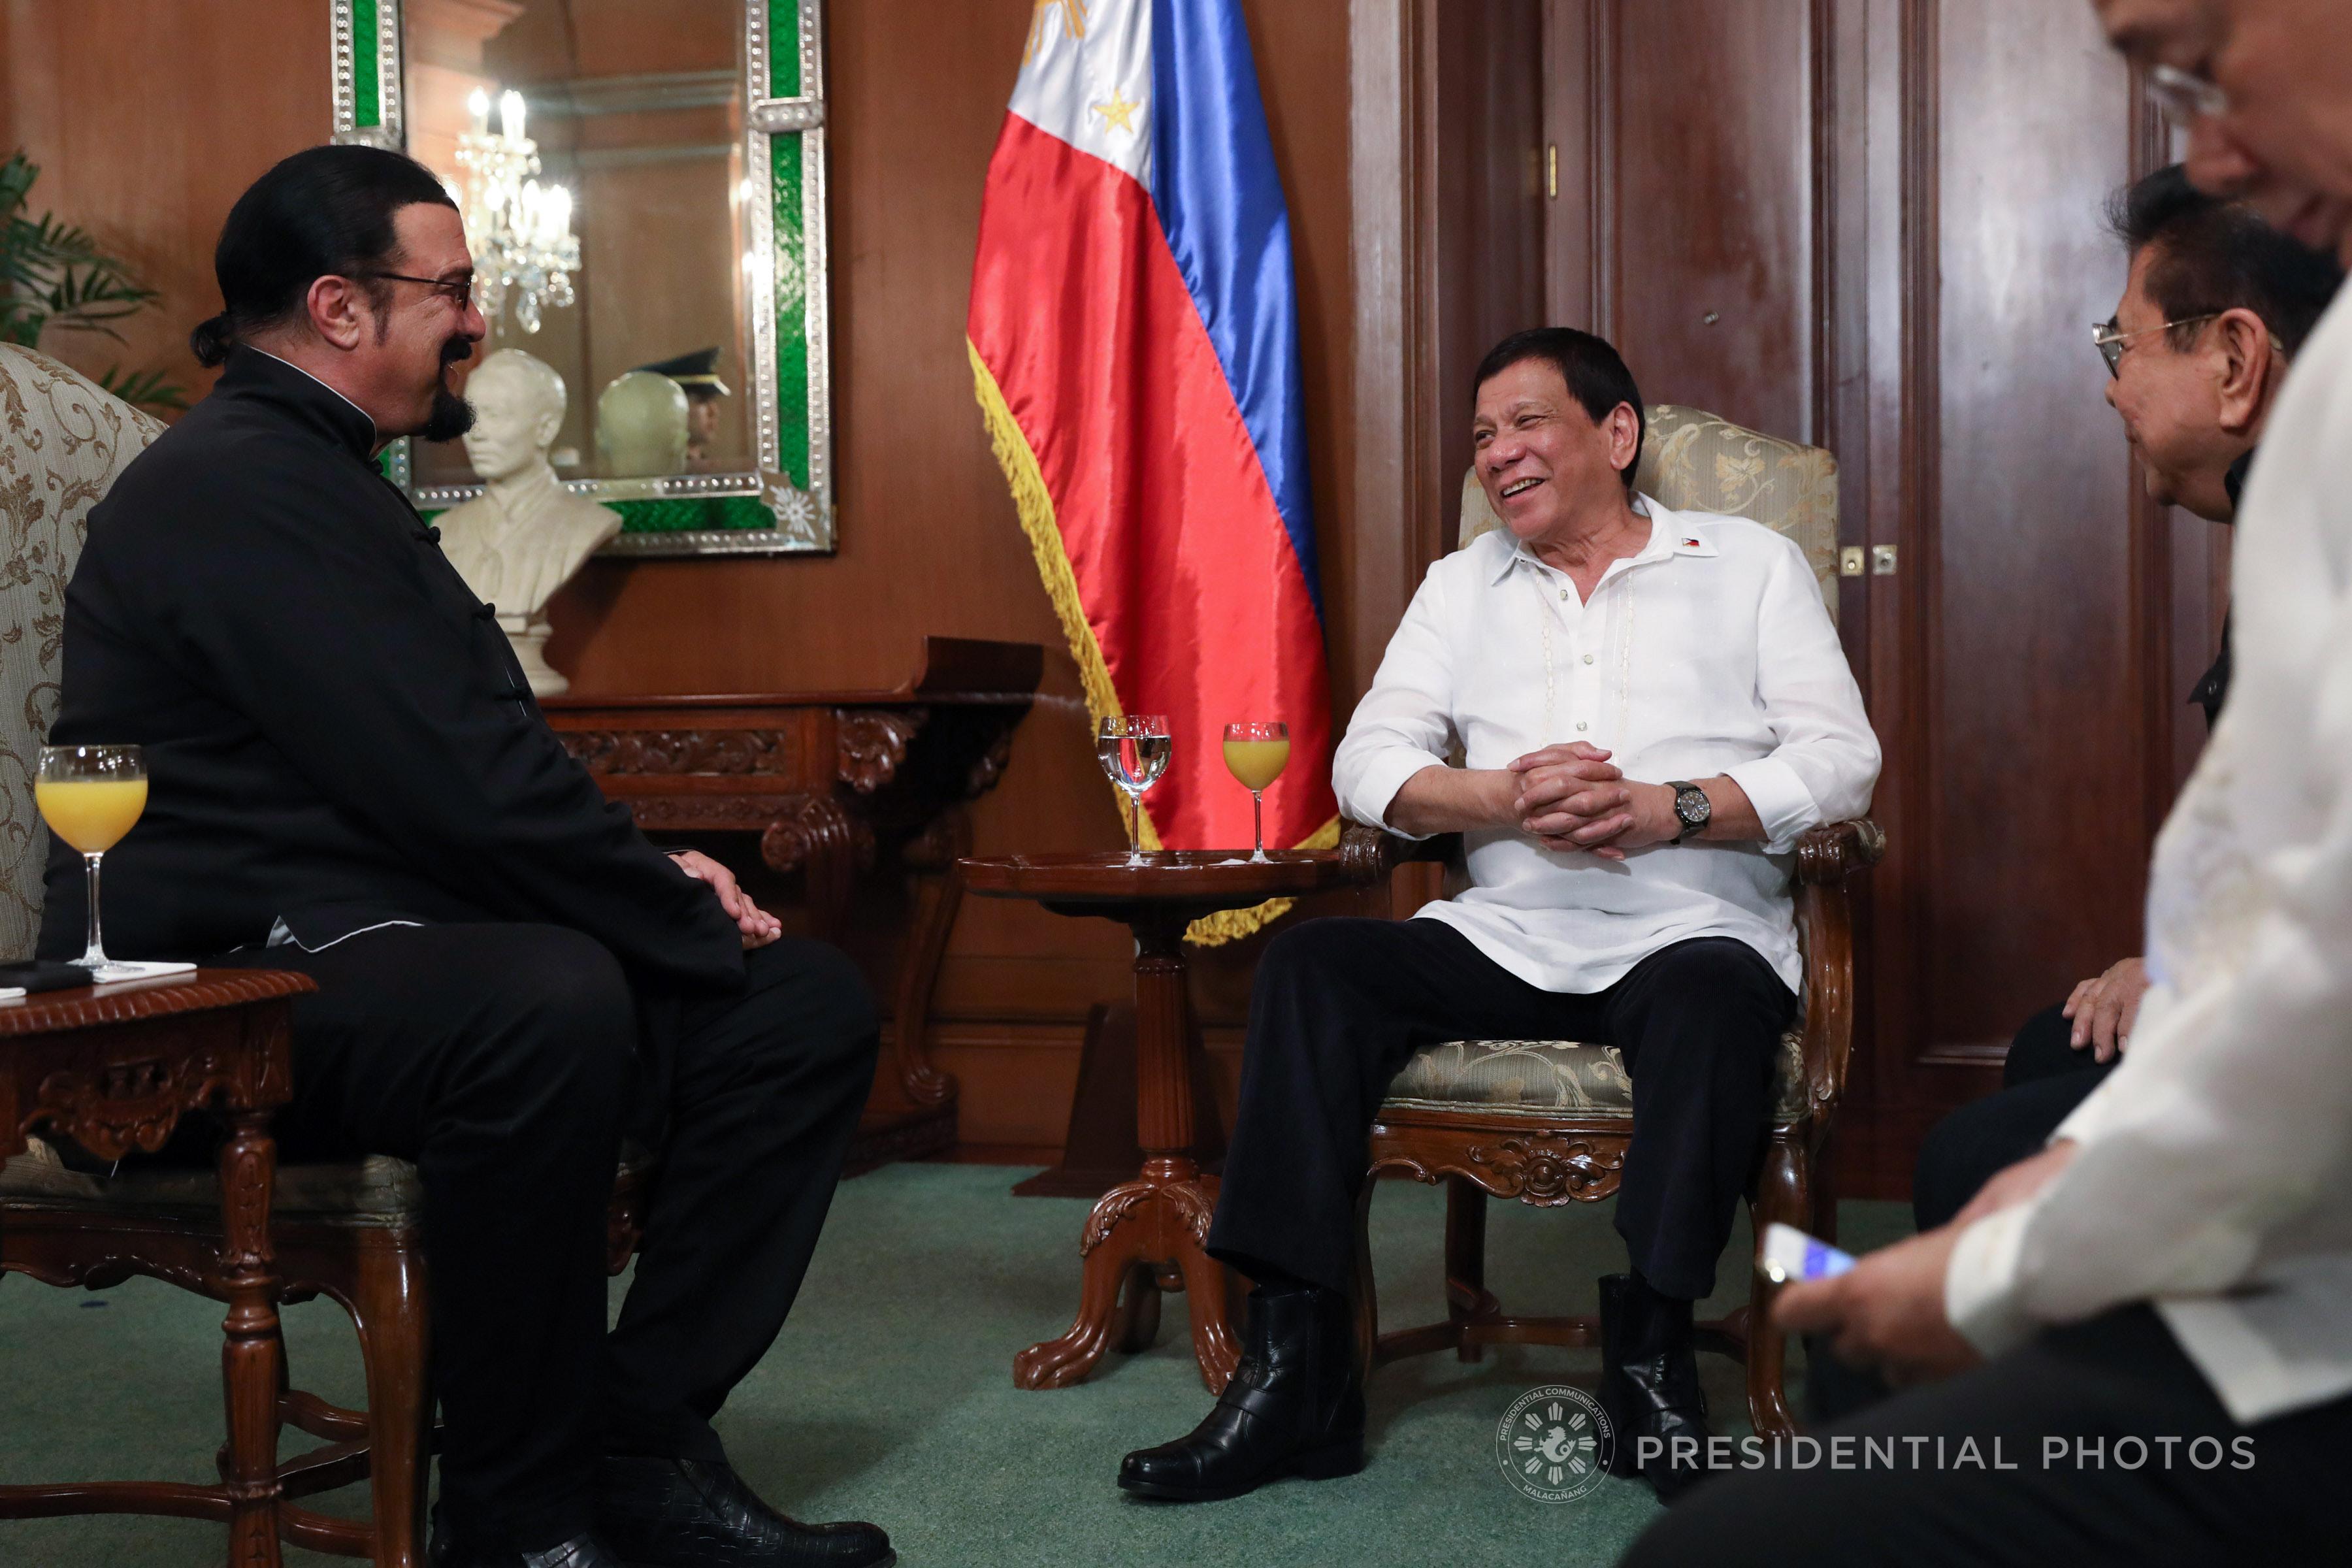 Картинки по запросу Steven Seagal meets Duterte